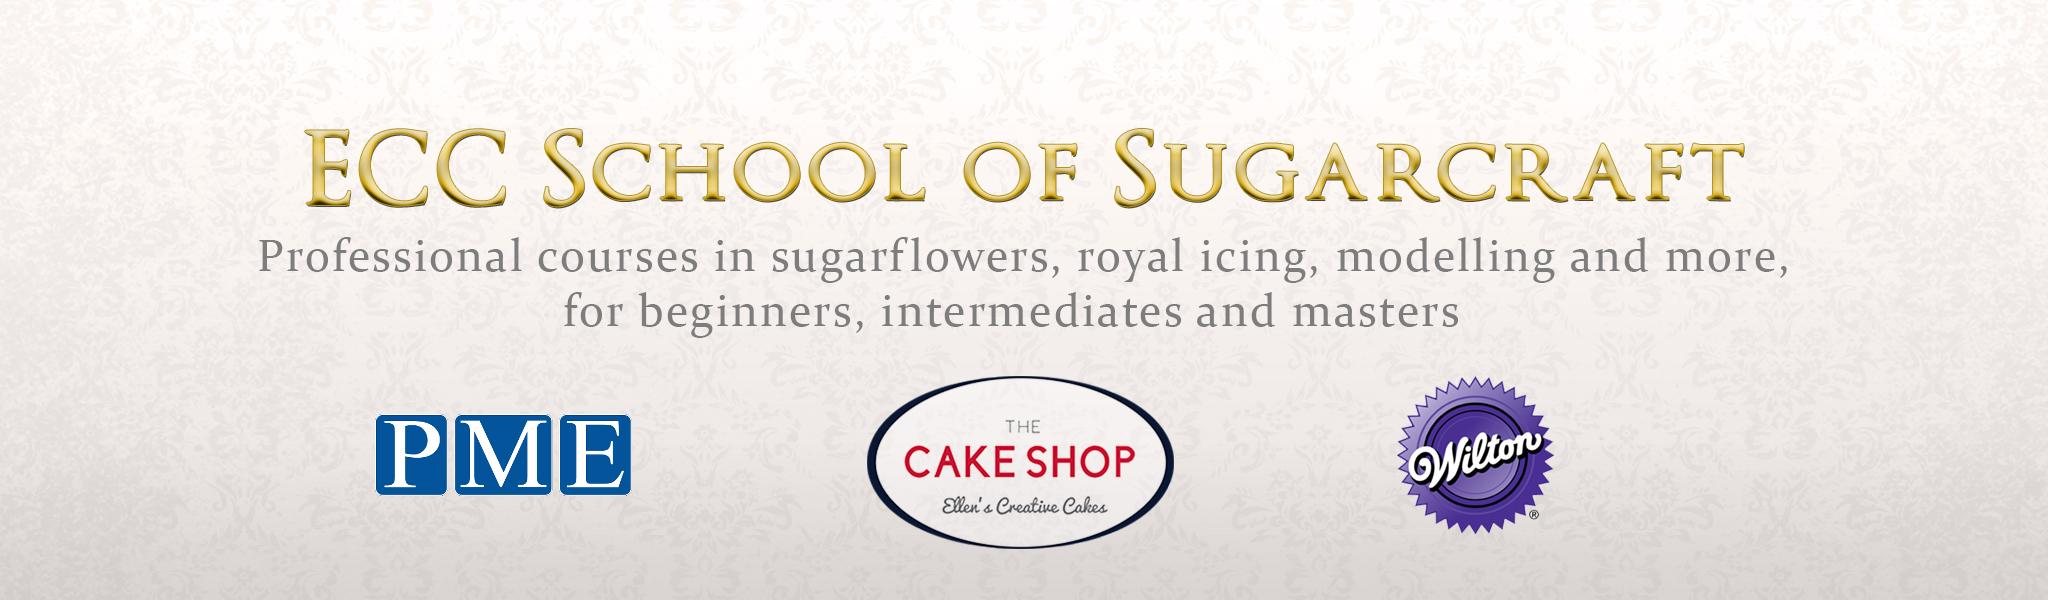 ECC School of Sugarcraft